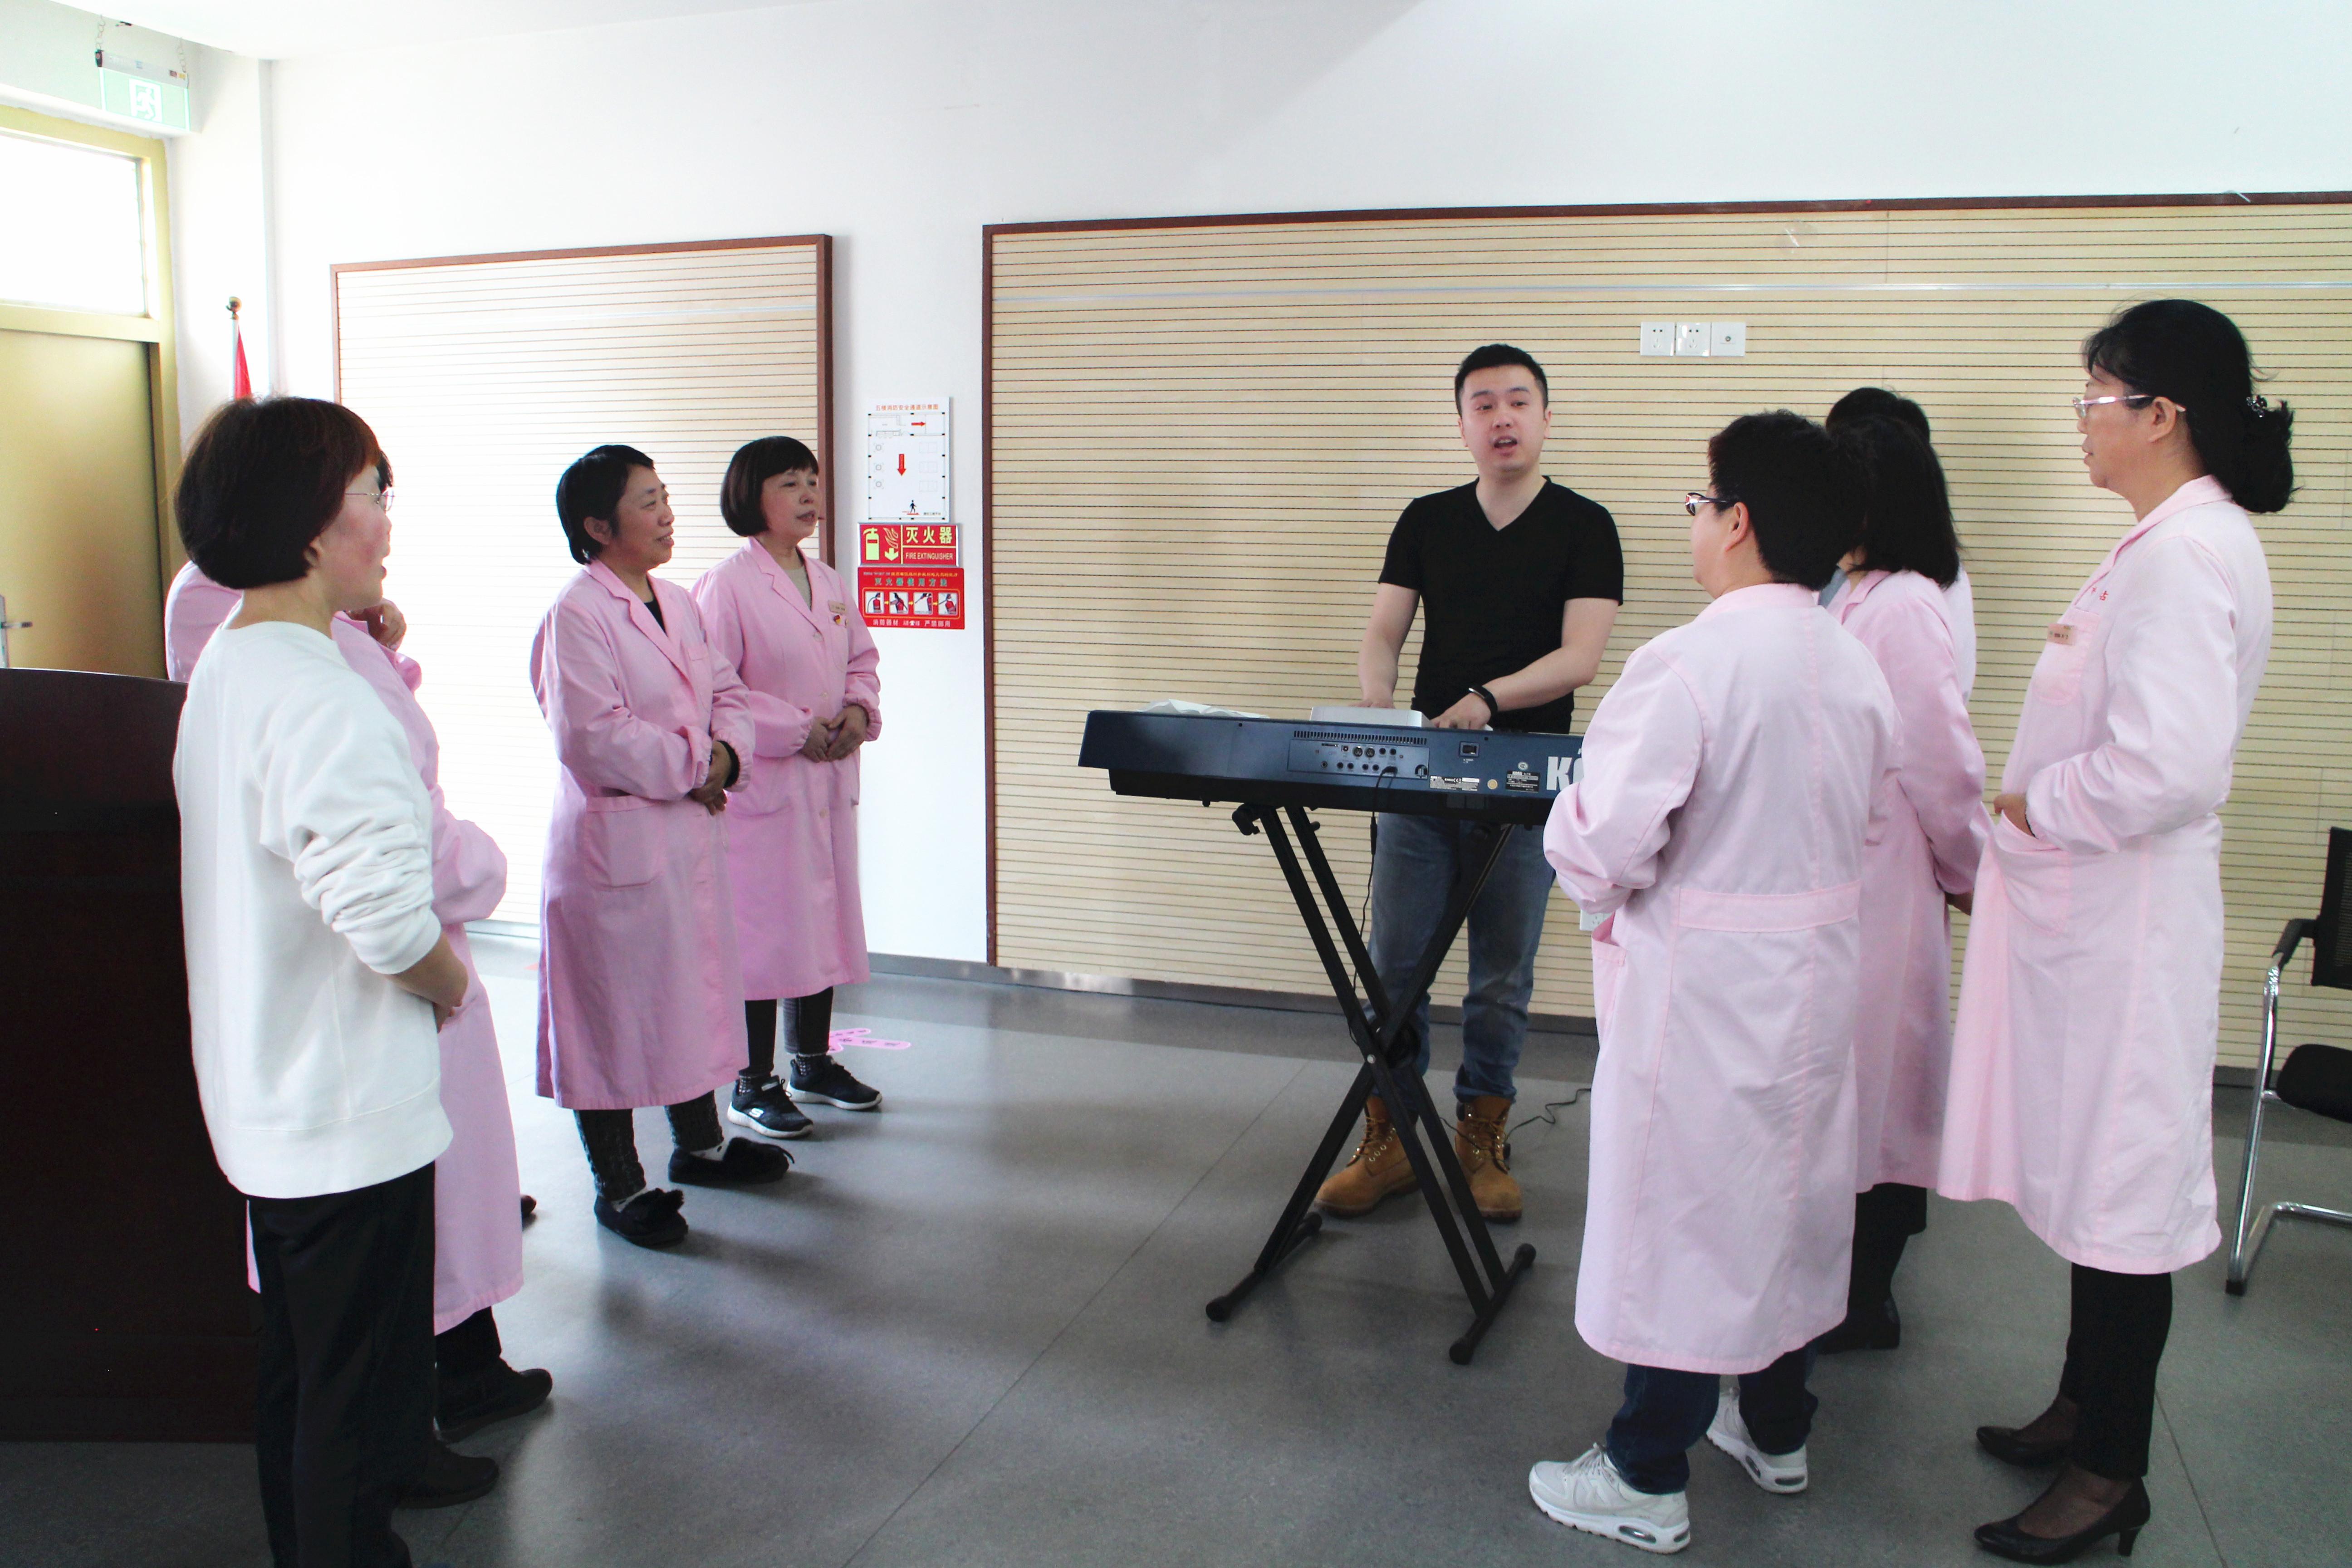 杭州市计生指导站举办声乐知识讲座